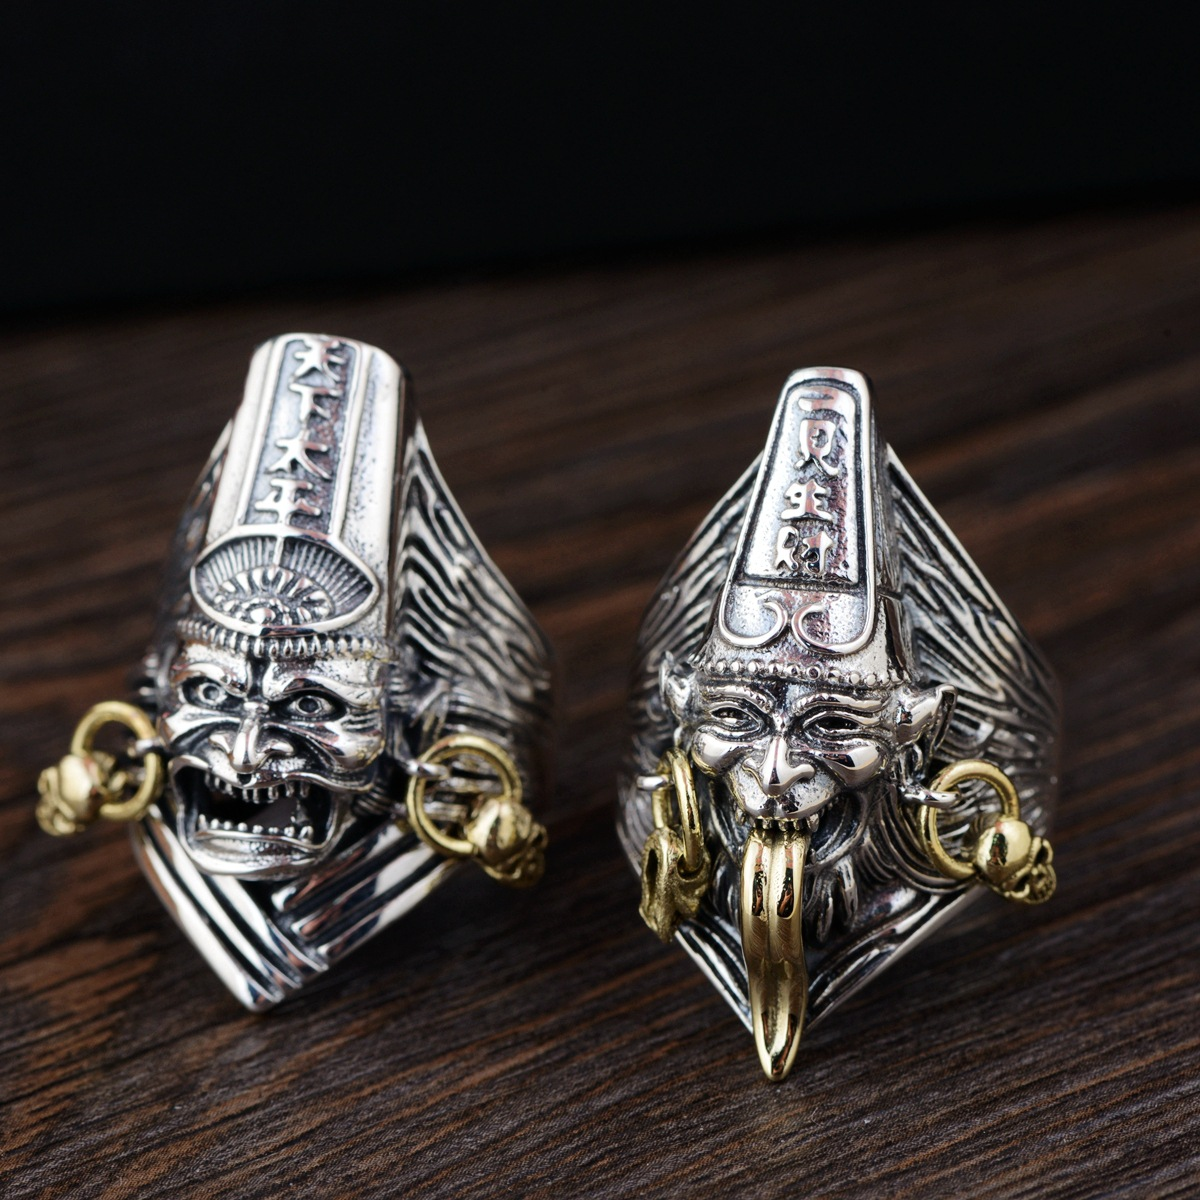 Ligne de bijoux en gros empereur d'or Thai argent S925 pur argent style antique hommes parlent bague de paix